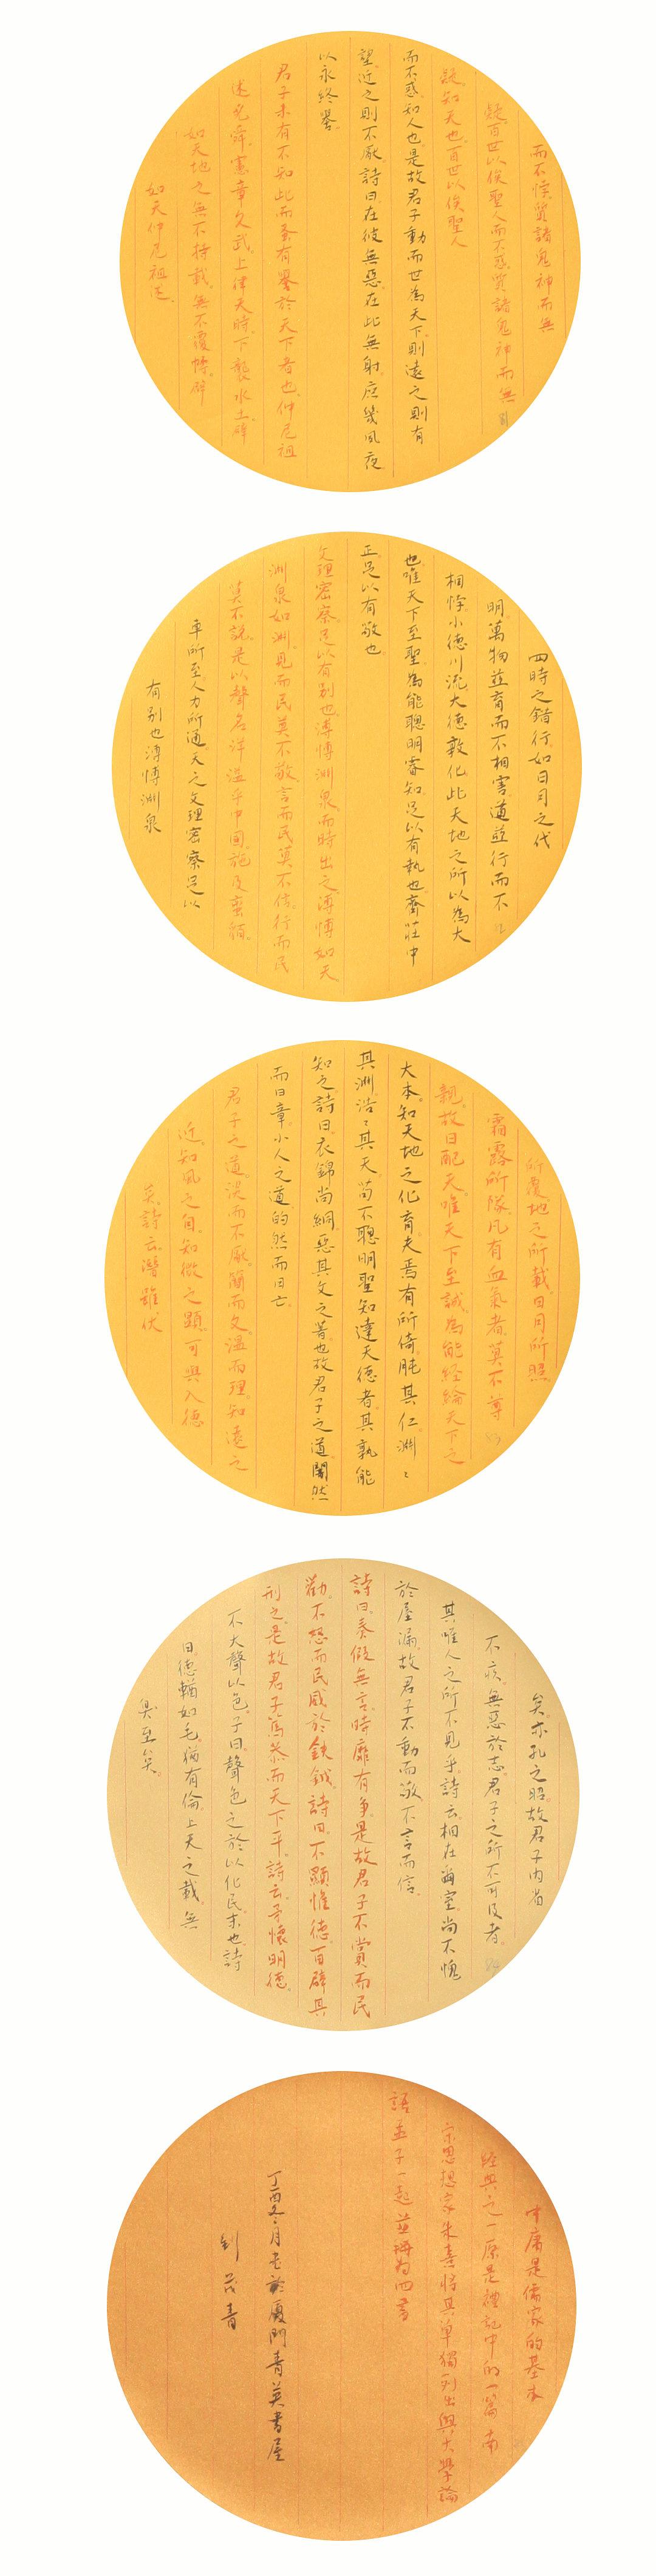 《国学经典抄·中庸 05》纸本墨笔 小楷 竖幅 2017年